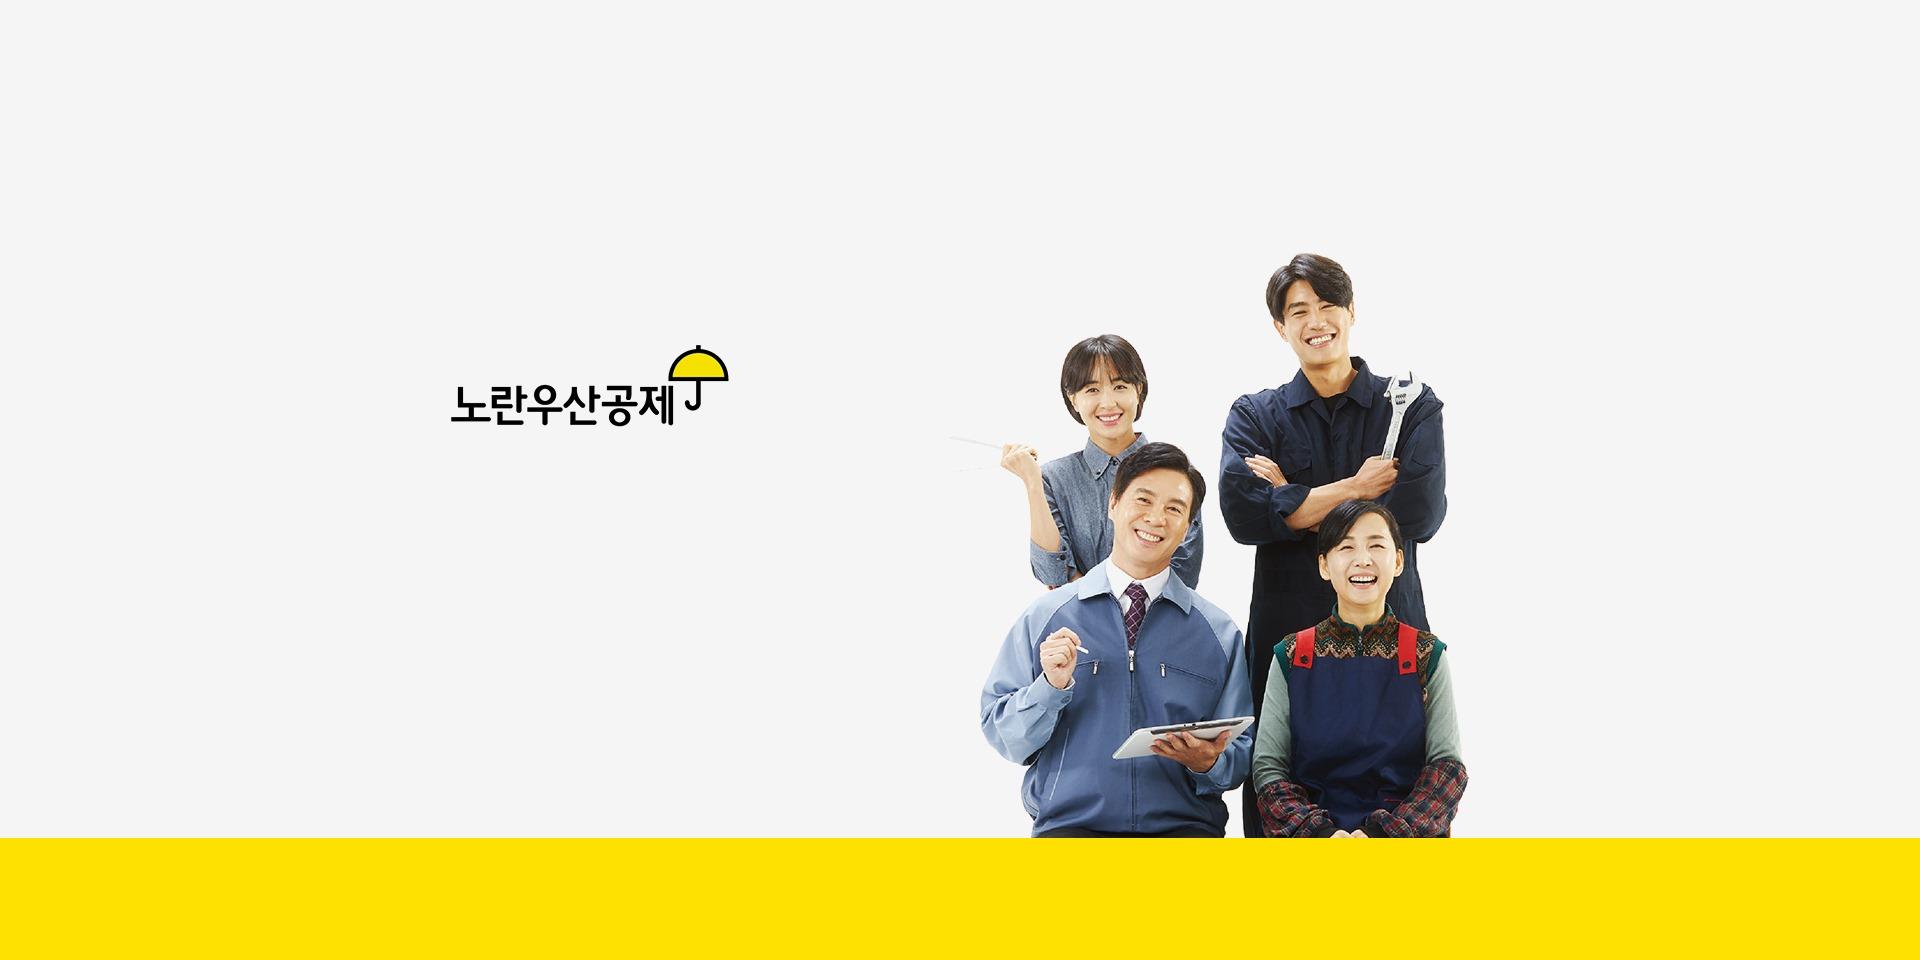 부산광역시 희망장려금 안내 및 지역통합 안내